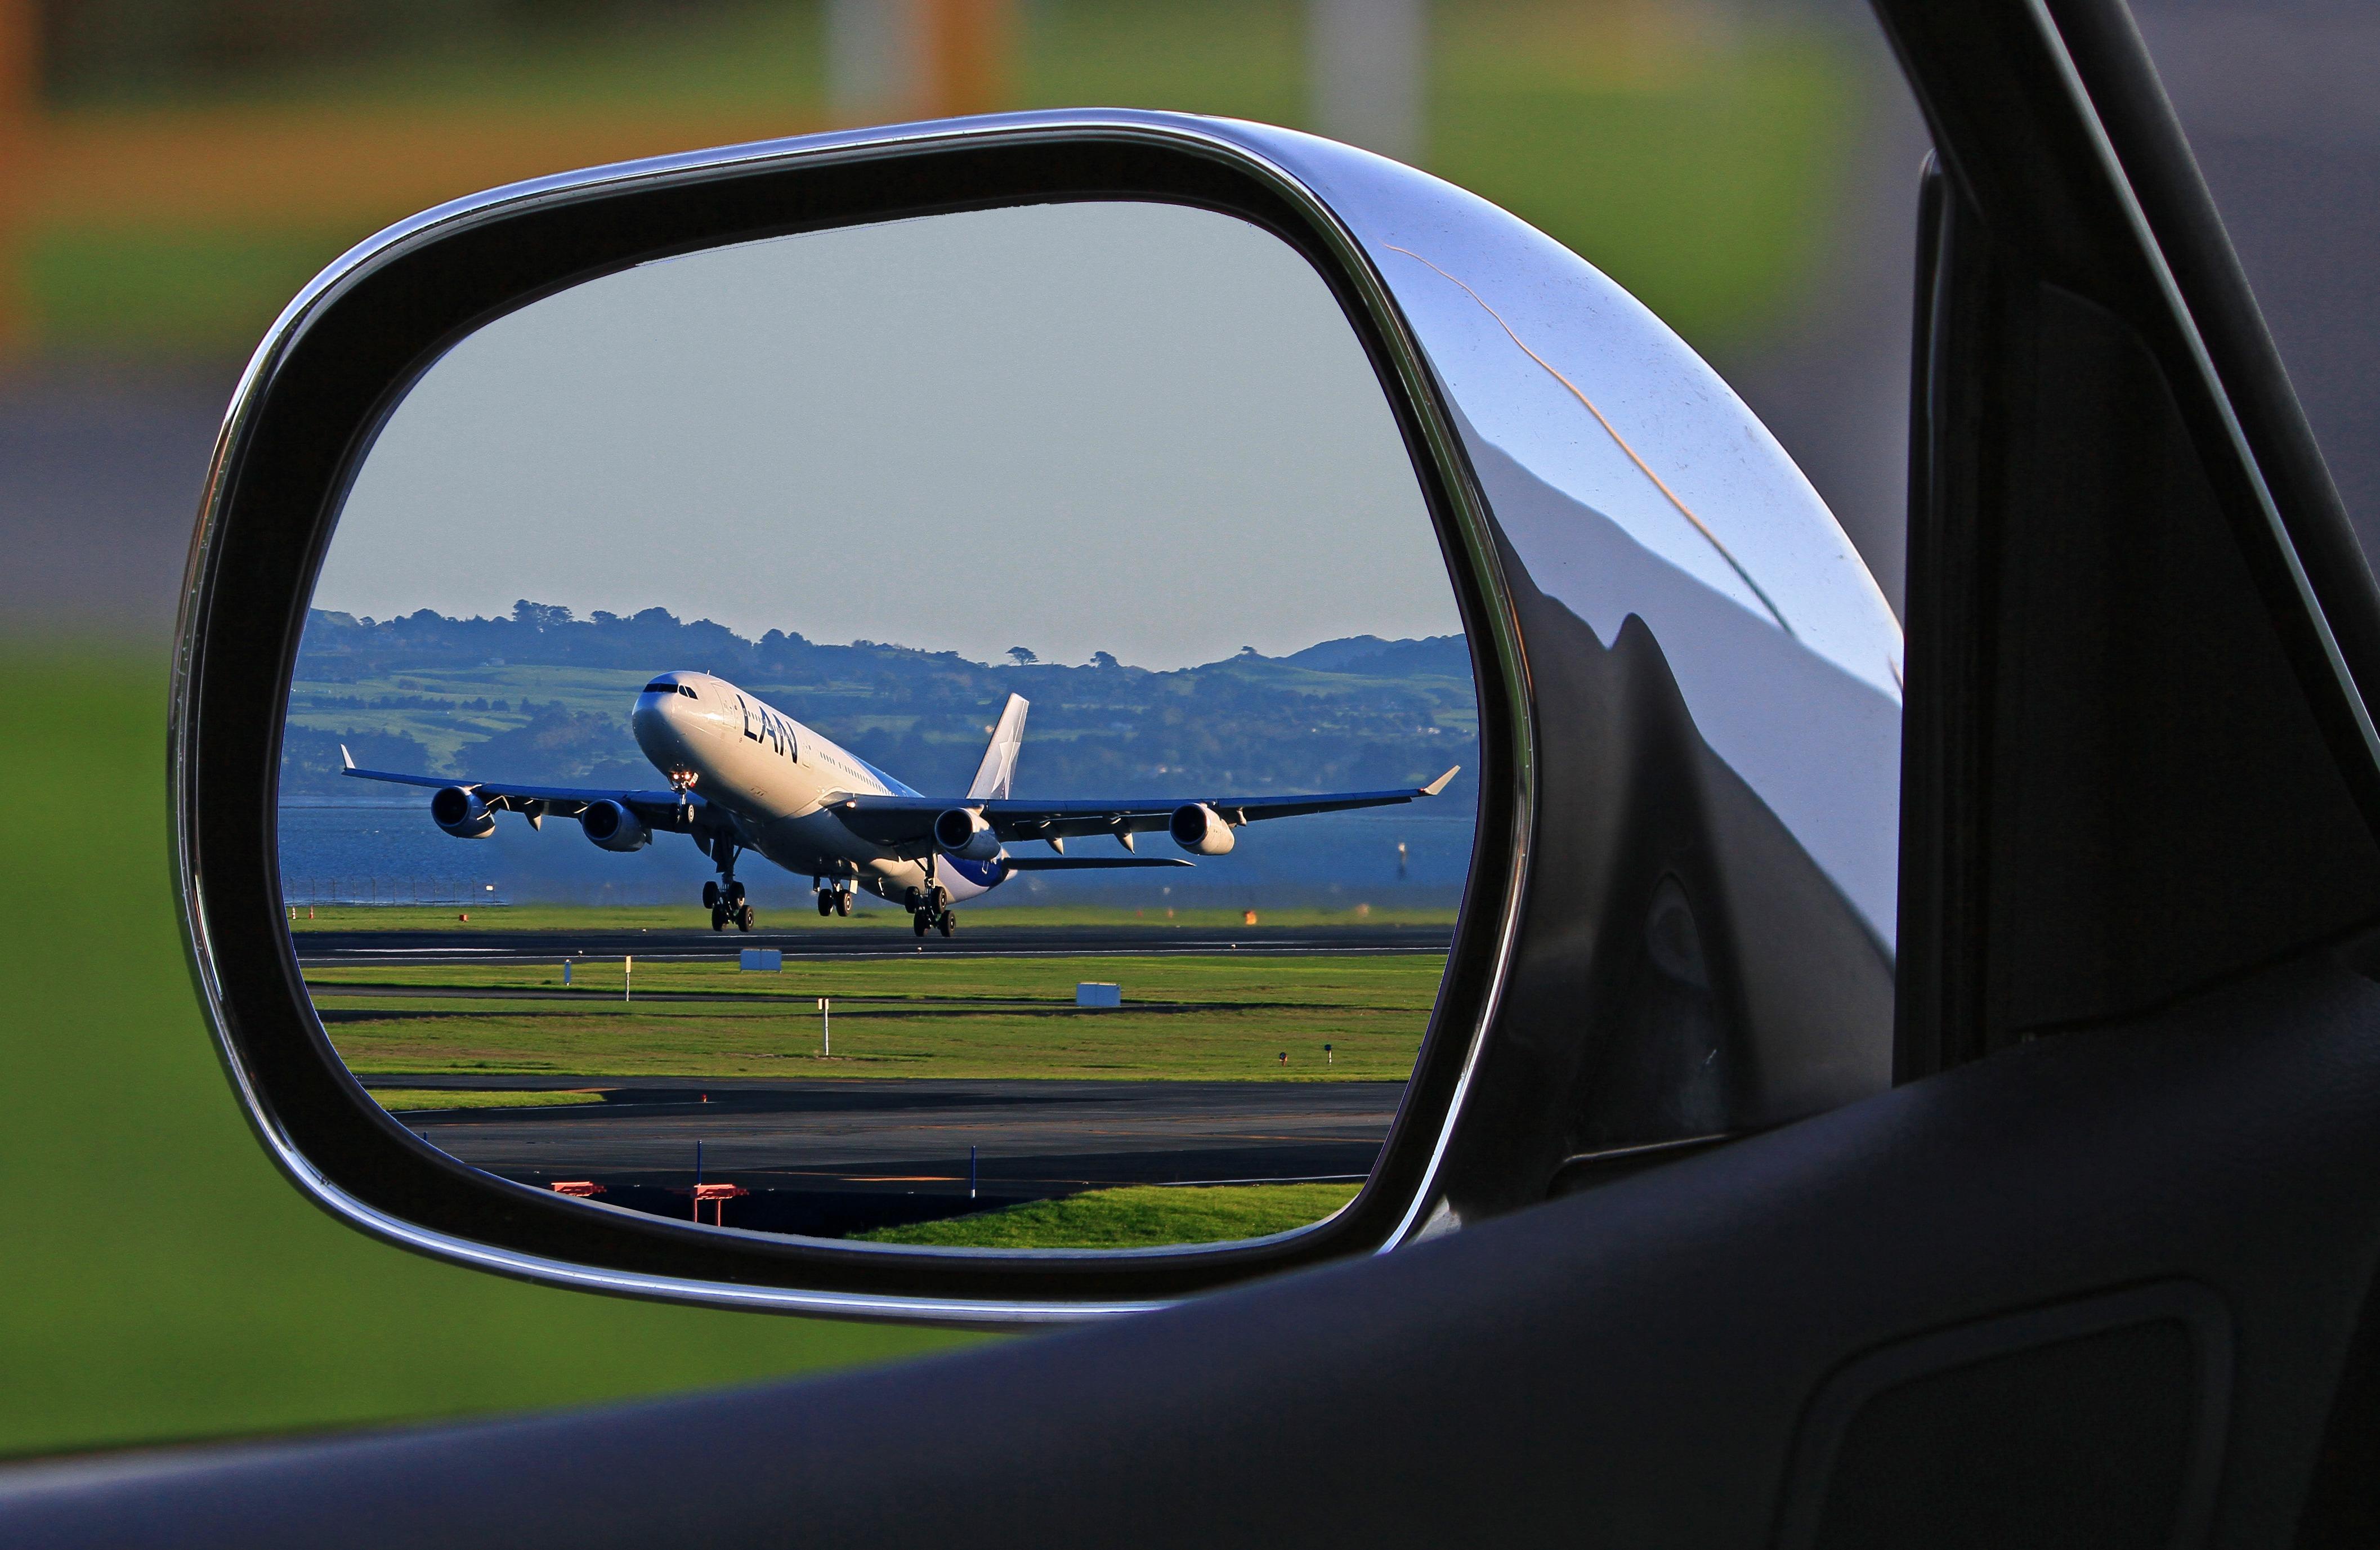 Kostenlose foto : der Verkehr, Auto, Rad, Fenster, Glas, Fahren ...